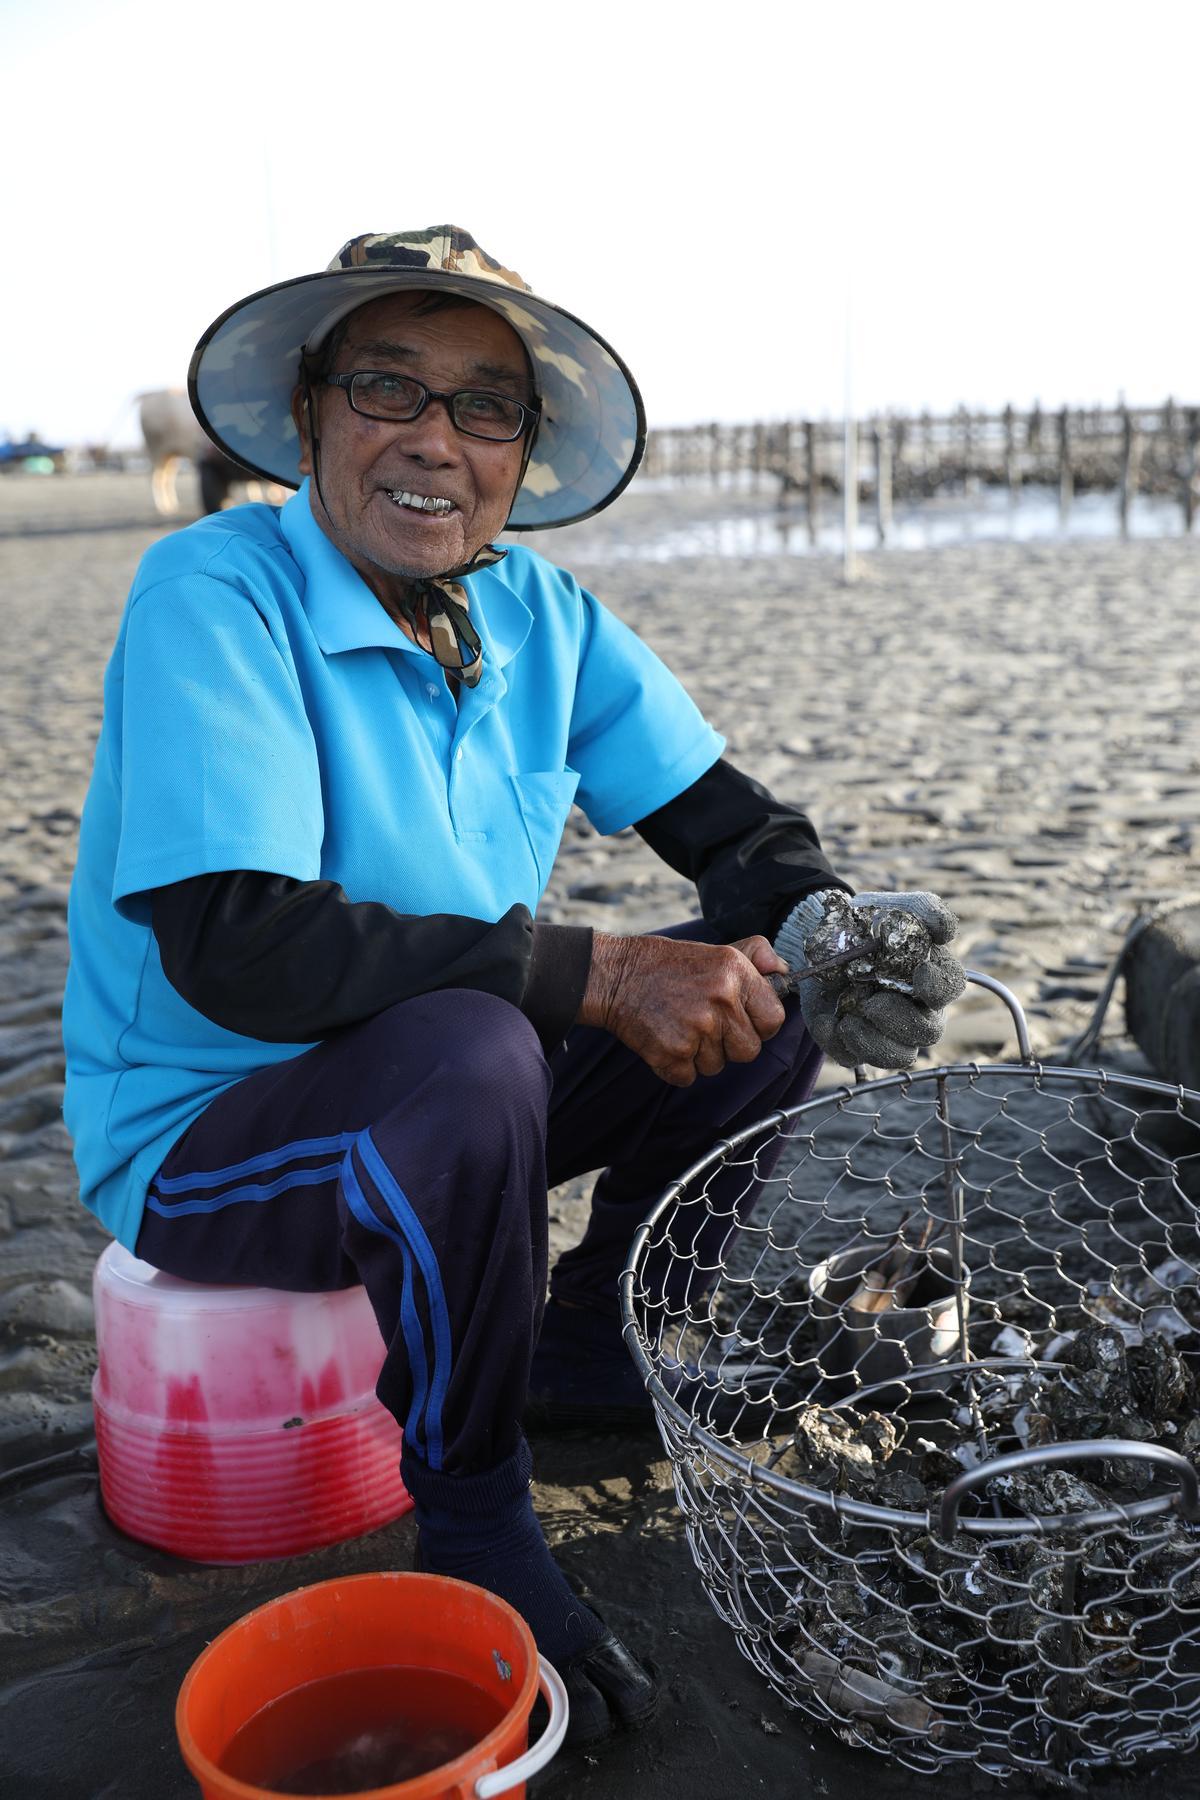 在海裡剖蚵給旅客,也是李福相的工作。